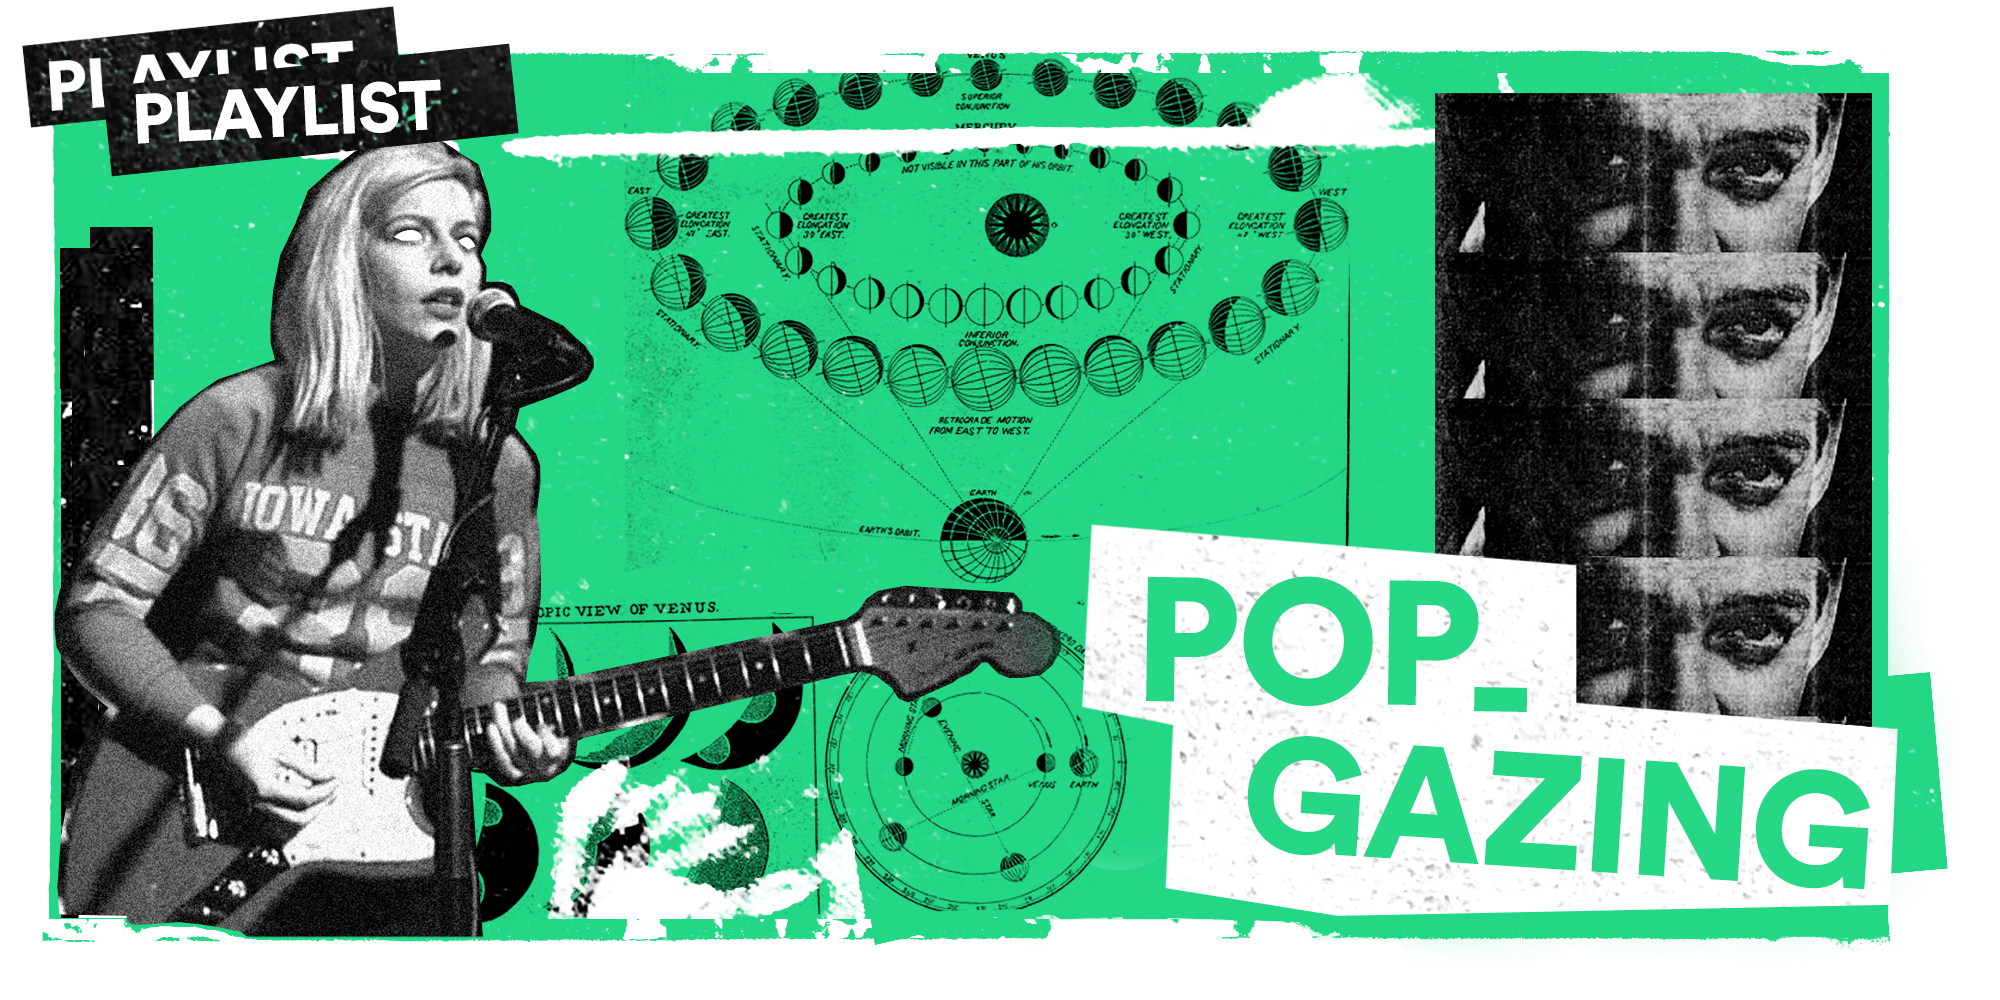 Blog-playlist-popgazing.jpg